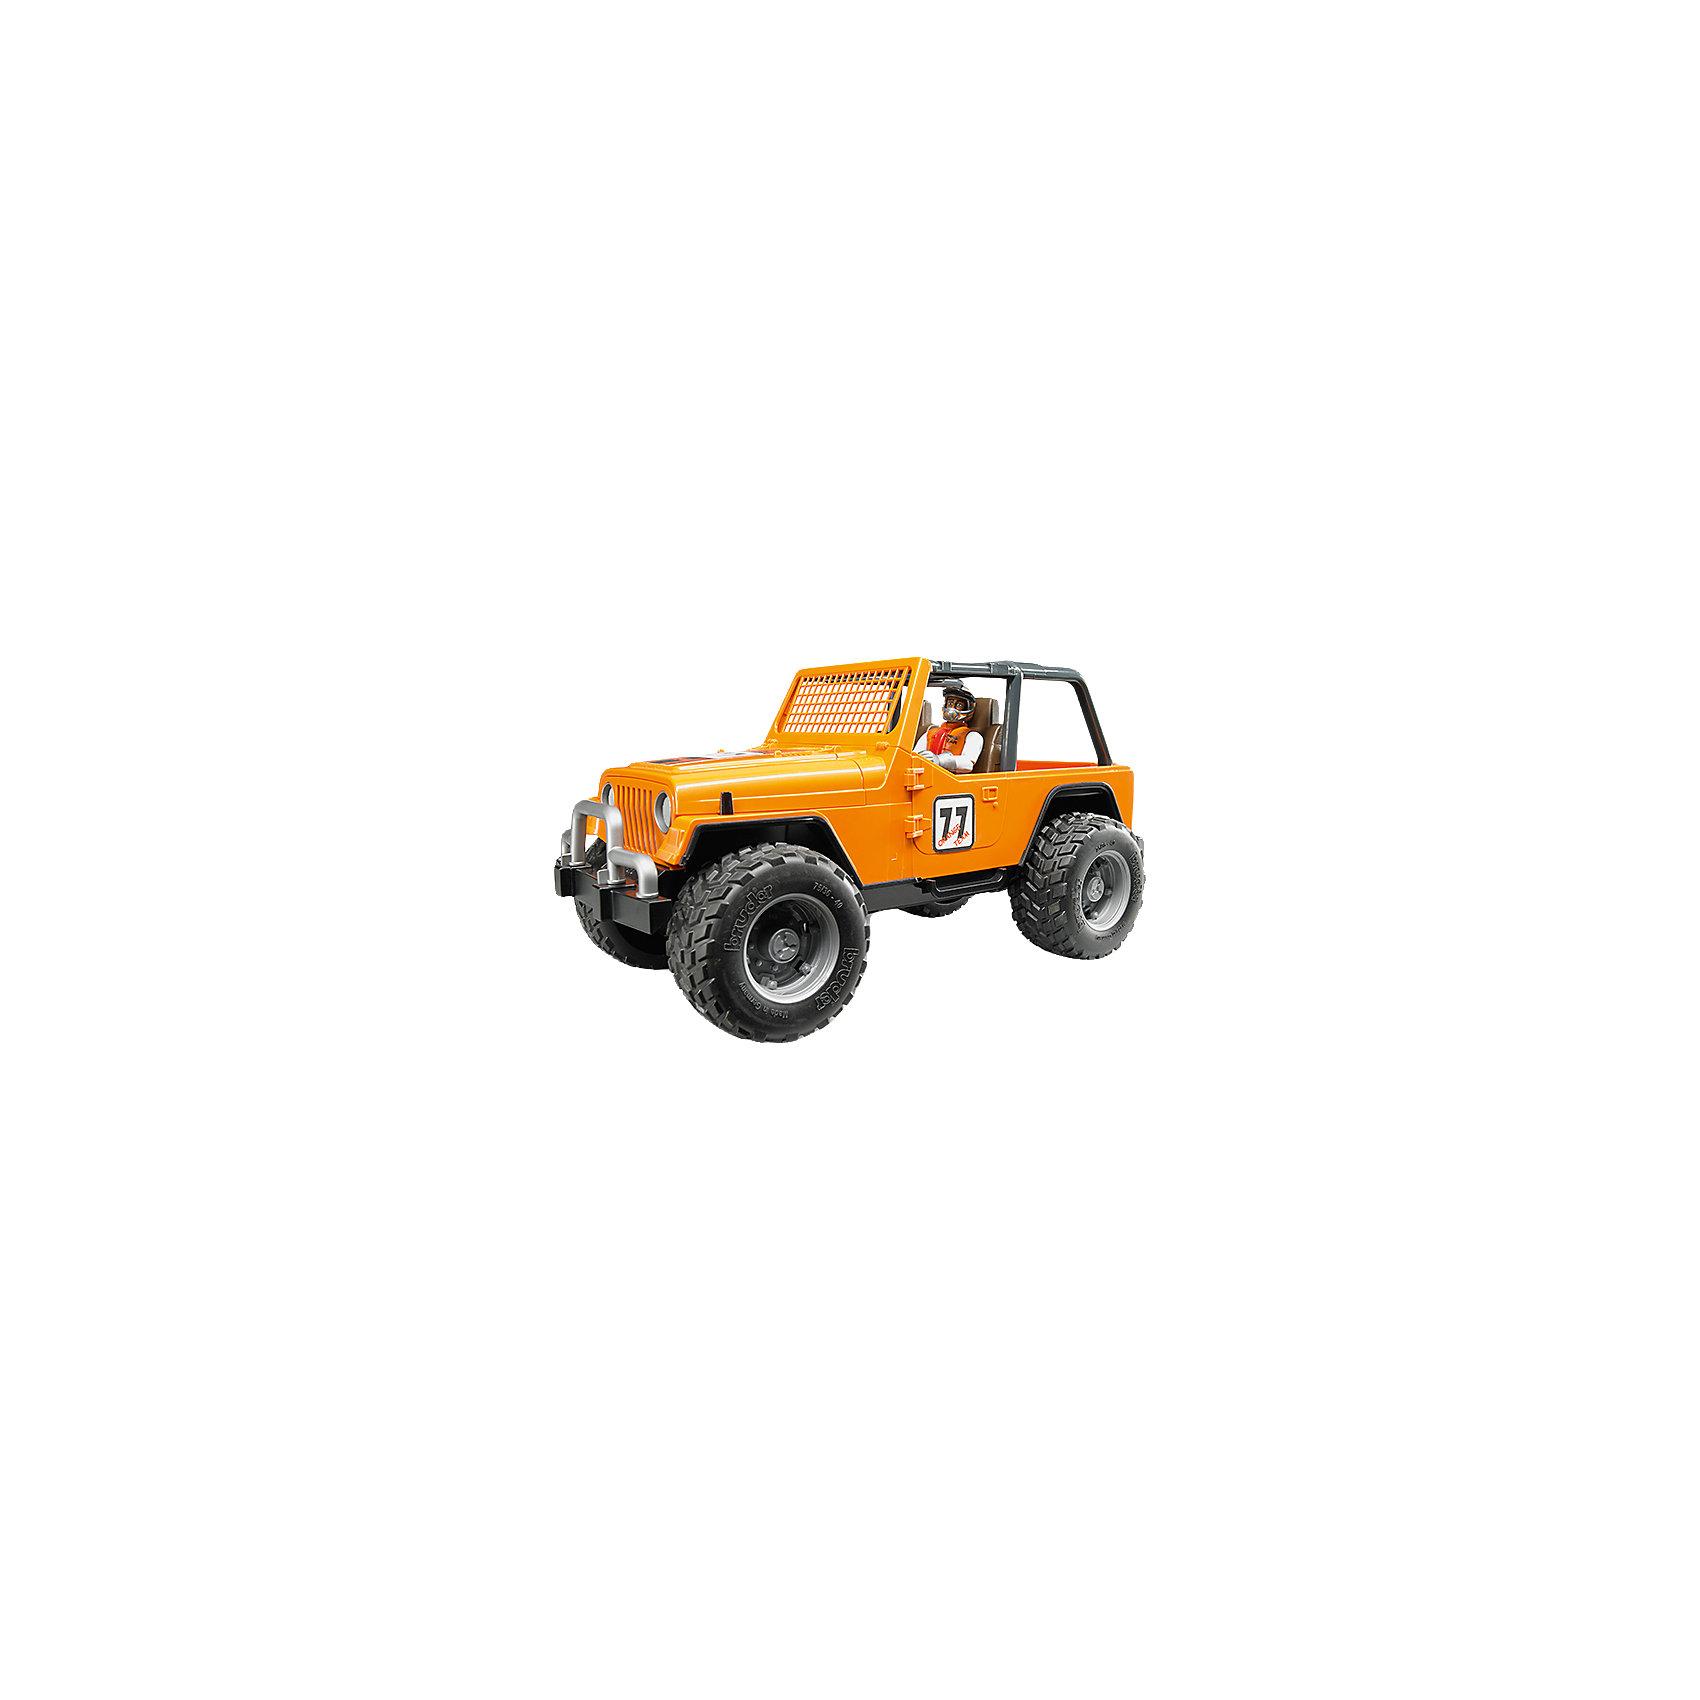 Внедорожник с гонщиком Cross Country Racer, оранжевый, BruderВнедорожник Cross Country Racer оранжевый с гонщиком, Bruder (Брудер) – игрушка, отличающаяся особой реалистичностью и правдоподобностью.<br>Внедорожник Cross Country Racer от немецкого производителя игрушек Bruder (Брудер) просто создан для соревнований и гонок. Он напоминает автомобиль марки Jeep Cross Country Racer. Автомобиль выглядит очень реалистично за счет детализации и проработки кузова, который дополнен яркими наклейками с номером участника гонок. Вместо лобового стекла у внедорожника установлена оранжевая решетка. По бокам машины стекол нет. В салоне находятся два сидения. Двери, багажник и капот открываются, под капотом расположен мощный двигатель. Есть фаркоп. На передних и задних осях внедорожника установлены амортизаторы, позволяющие машине проехать по любой трассе. Большие прорезиненные колеса с рельефными протекторами обеспечивают отличное сцепление с дорогой. В наборе имеется фигурка водителя. Водитель одет в белый костюм с оранжевым жилетом и перчатки, а на его голове находится шлем с креплением на подбородке для безопасной езды. Игрушка изготовлена из высококачественного пластика, устойчивого к износу и ударам. Продукция сертифицирована, экологически безопасна для ребенка, использованные красители не токсичны и гипоаллергенны.<br><br>Дополнительная информация:<br><br>- В комплекте: машинка, фигурка гонщика, шлем<br>- Размер внедорожника: 29,5x15x15 см.<br>- Масштаб 1:16<br>- Материал: высококачественный пластик<br>- Цвет: оранжевый, черный<br><br>Внедорожник Cross Country Racer оранжевый с гонщиком, Bruder (Брудер) можно купить в нашем интернет-магазине.<br><br>Ширина мм: 391<br>Глубина мм: 182<br>Высота мм: 162<br>Вес г: 787<br>Возраст от месяцев: 48<br>Возраст до месяцев: 96<br>Пол: Мужской<br>Возраст: Детский<br>SKU: 4439593